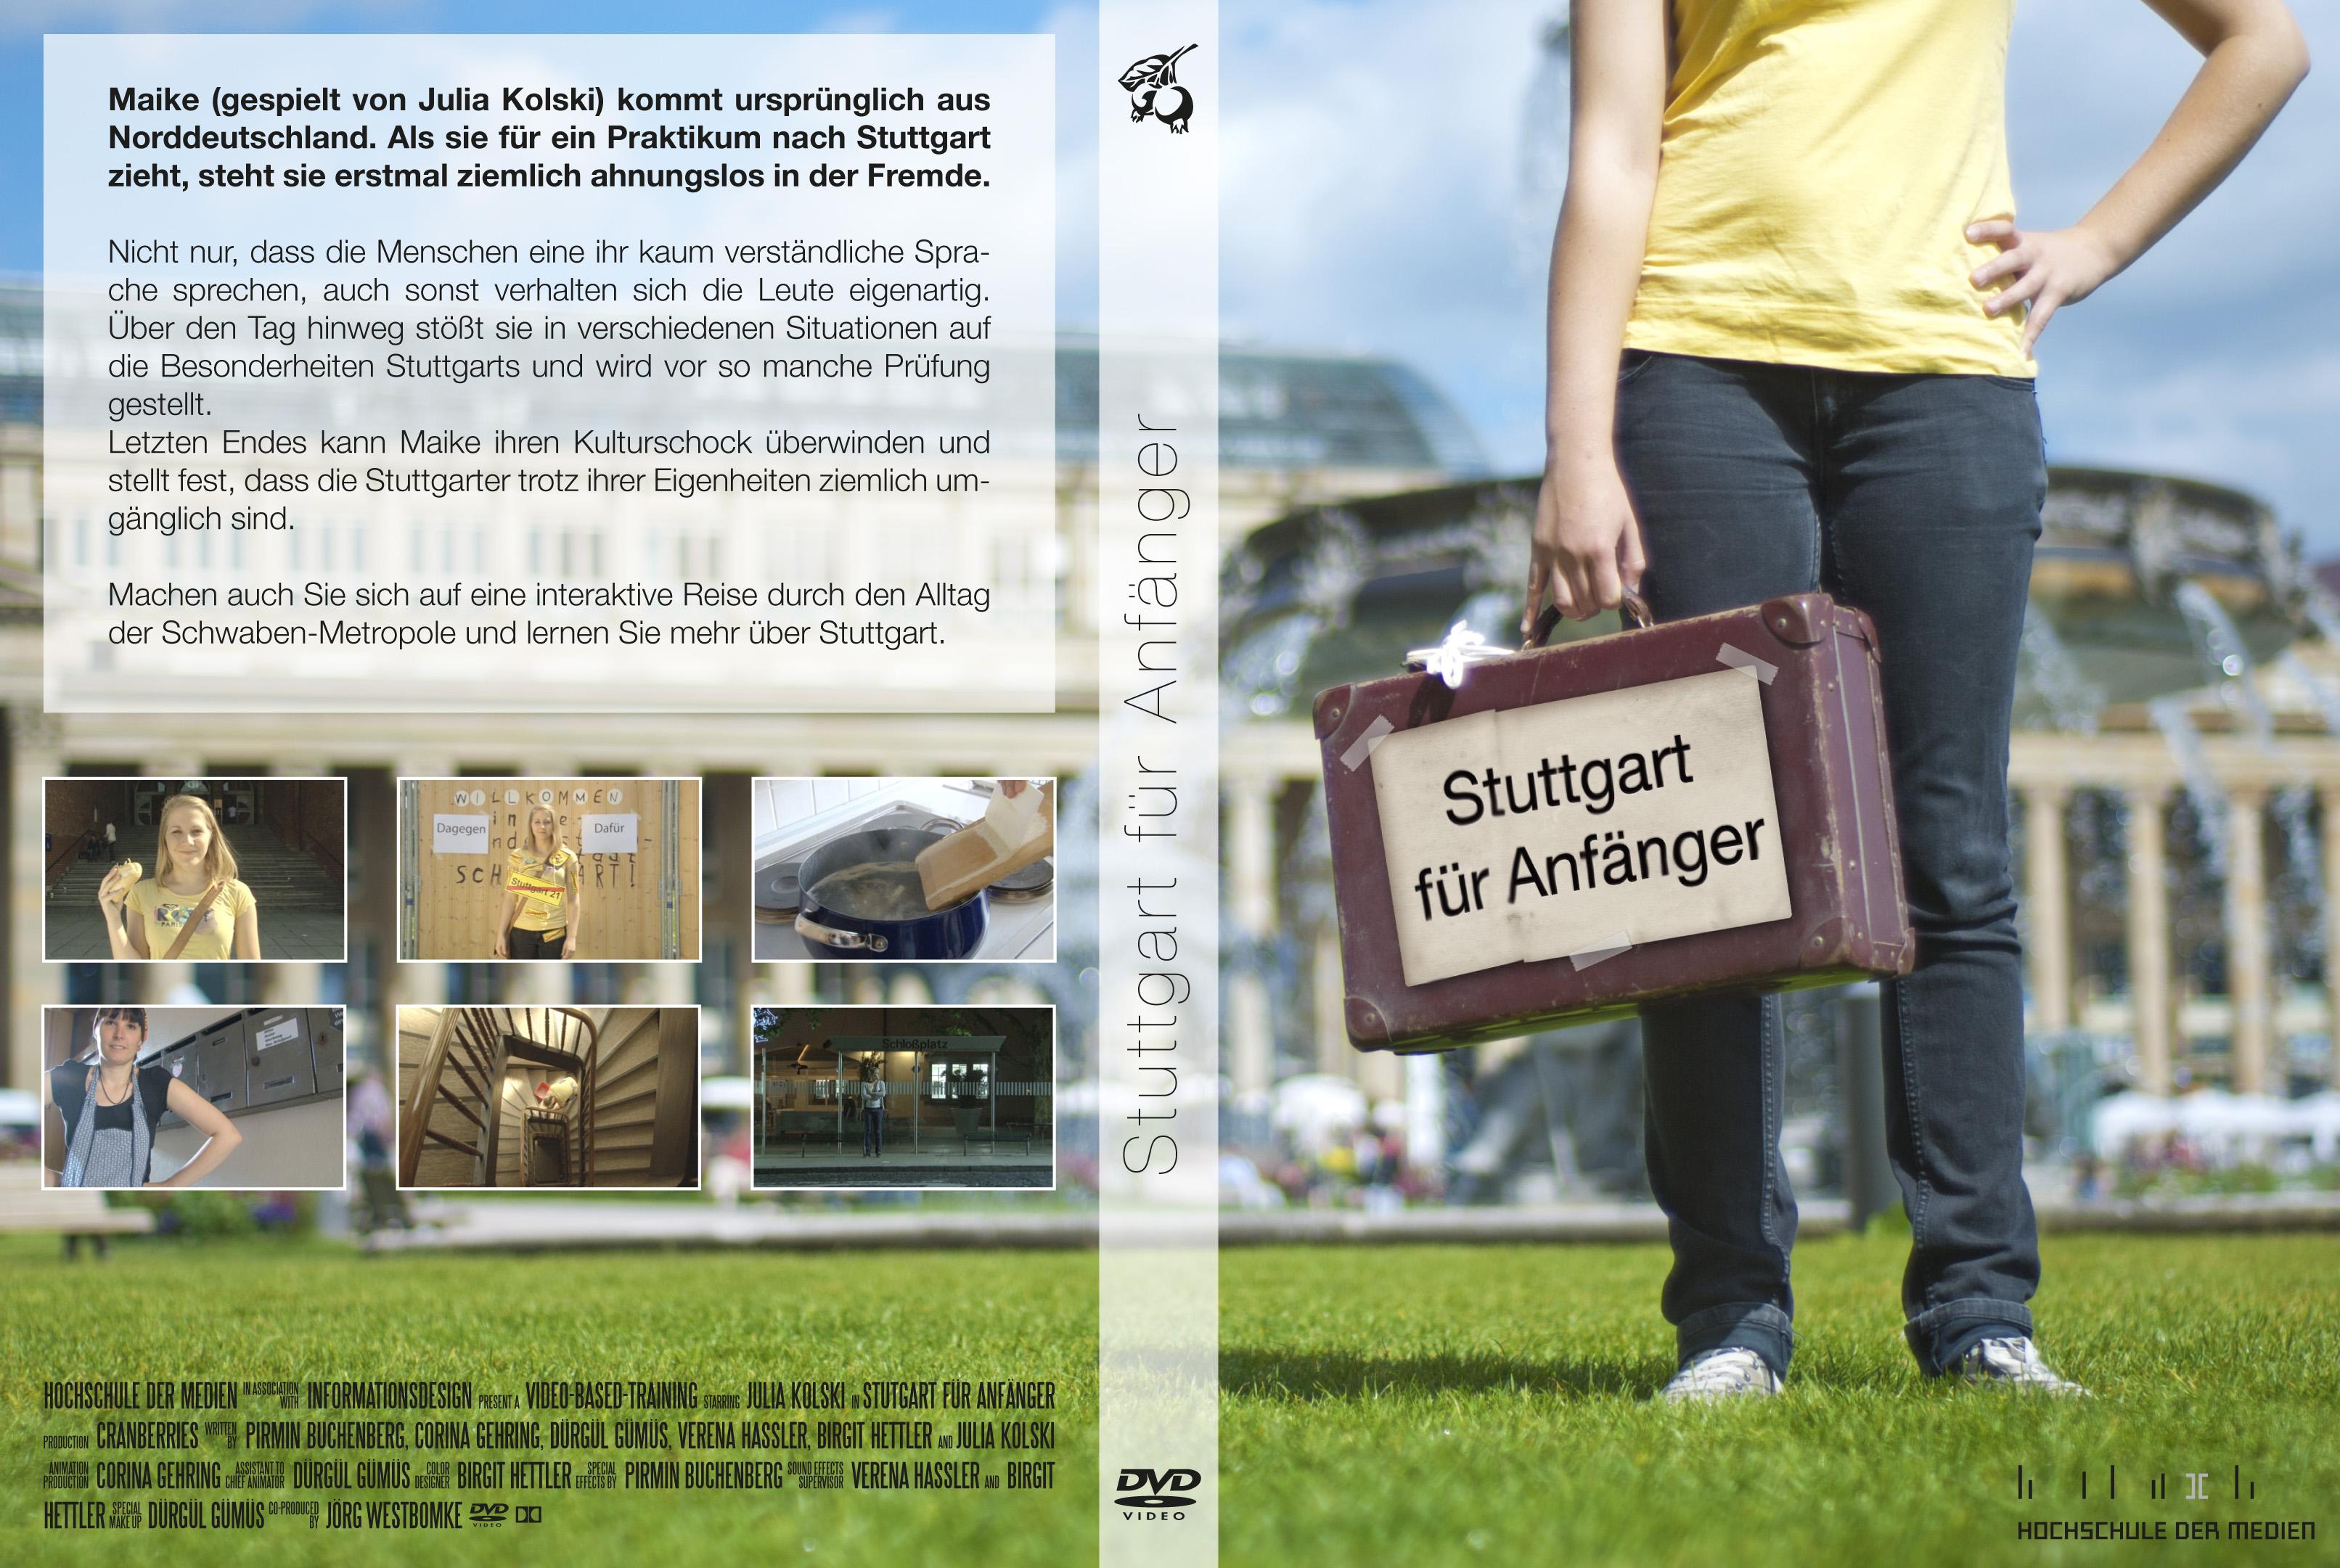 Stuttgart für Anfänger - DVD Inlay